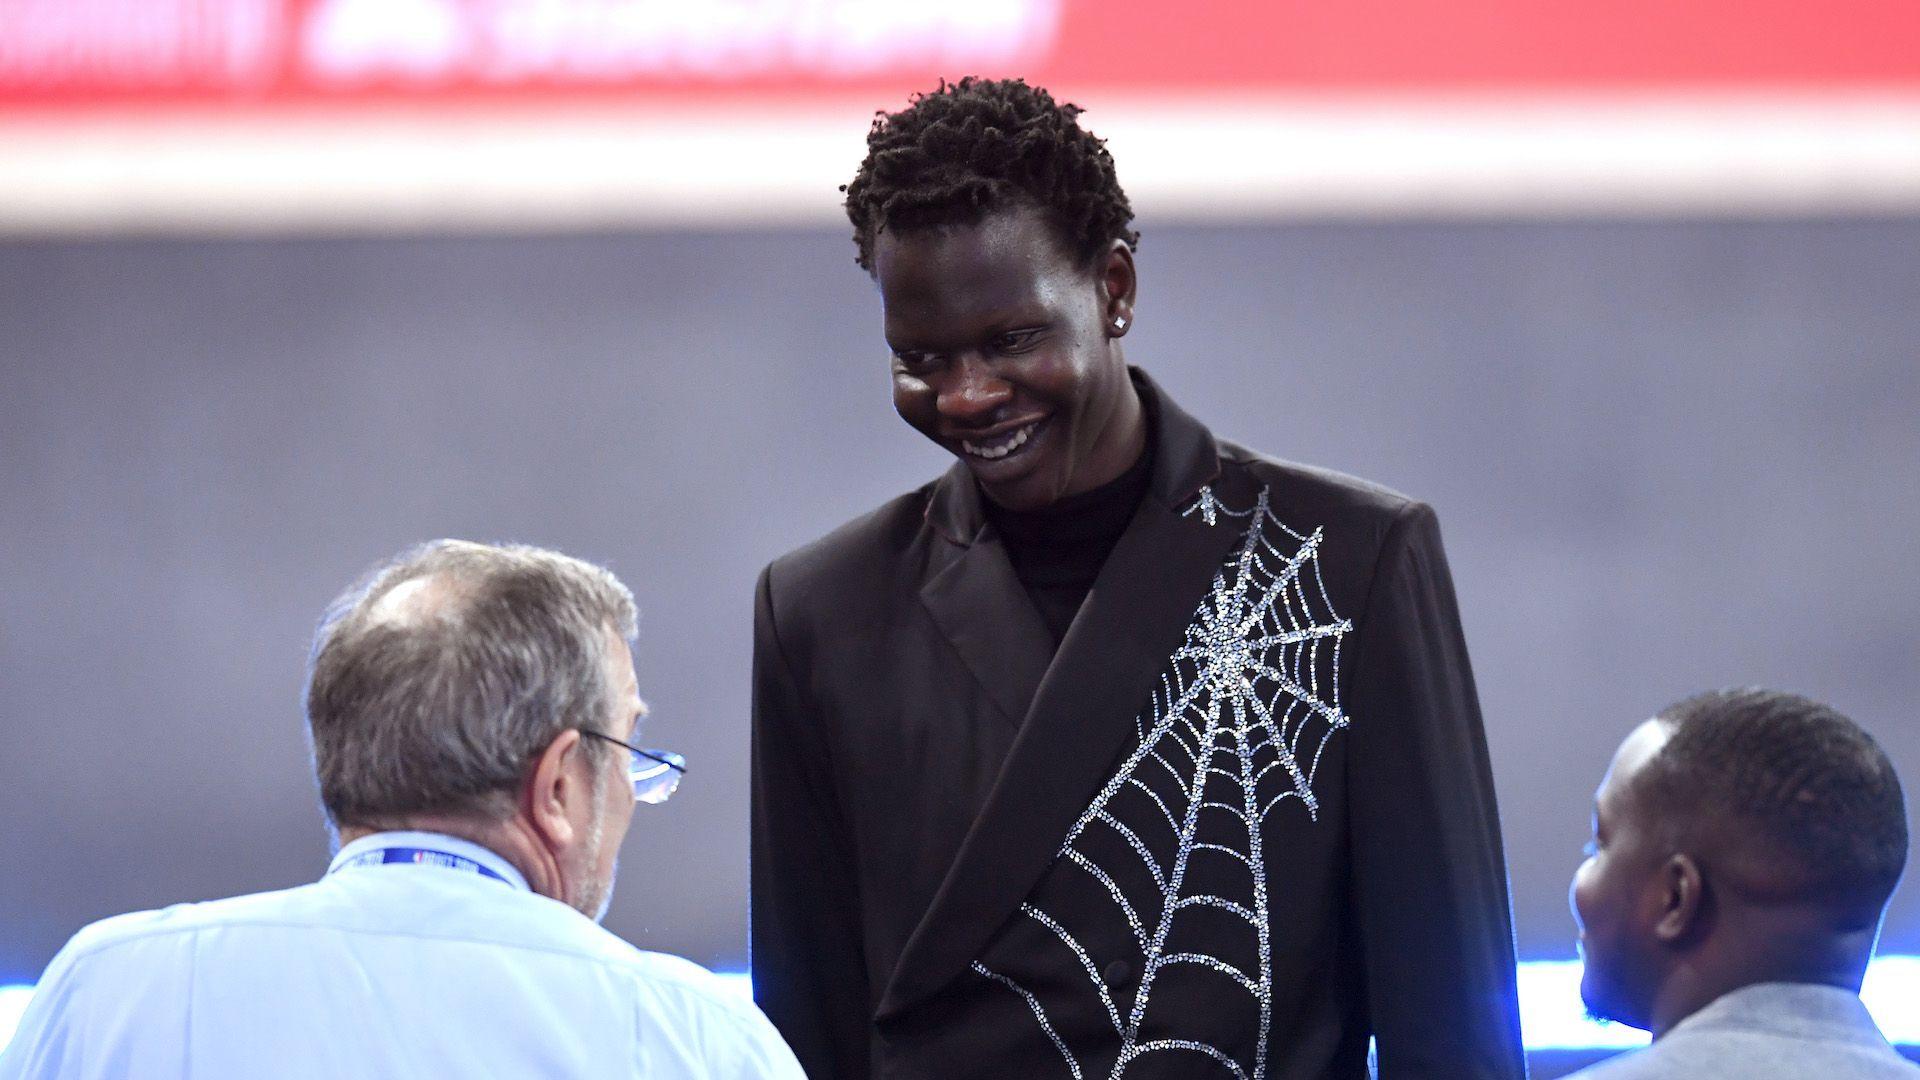 Фантастичен мач доведе до допинг тест за дебютант в NBA